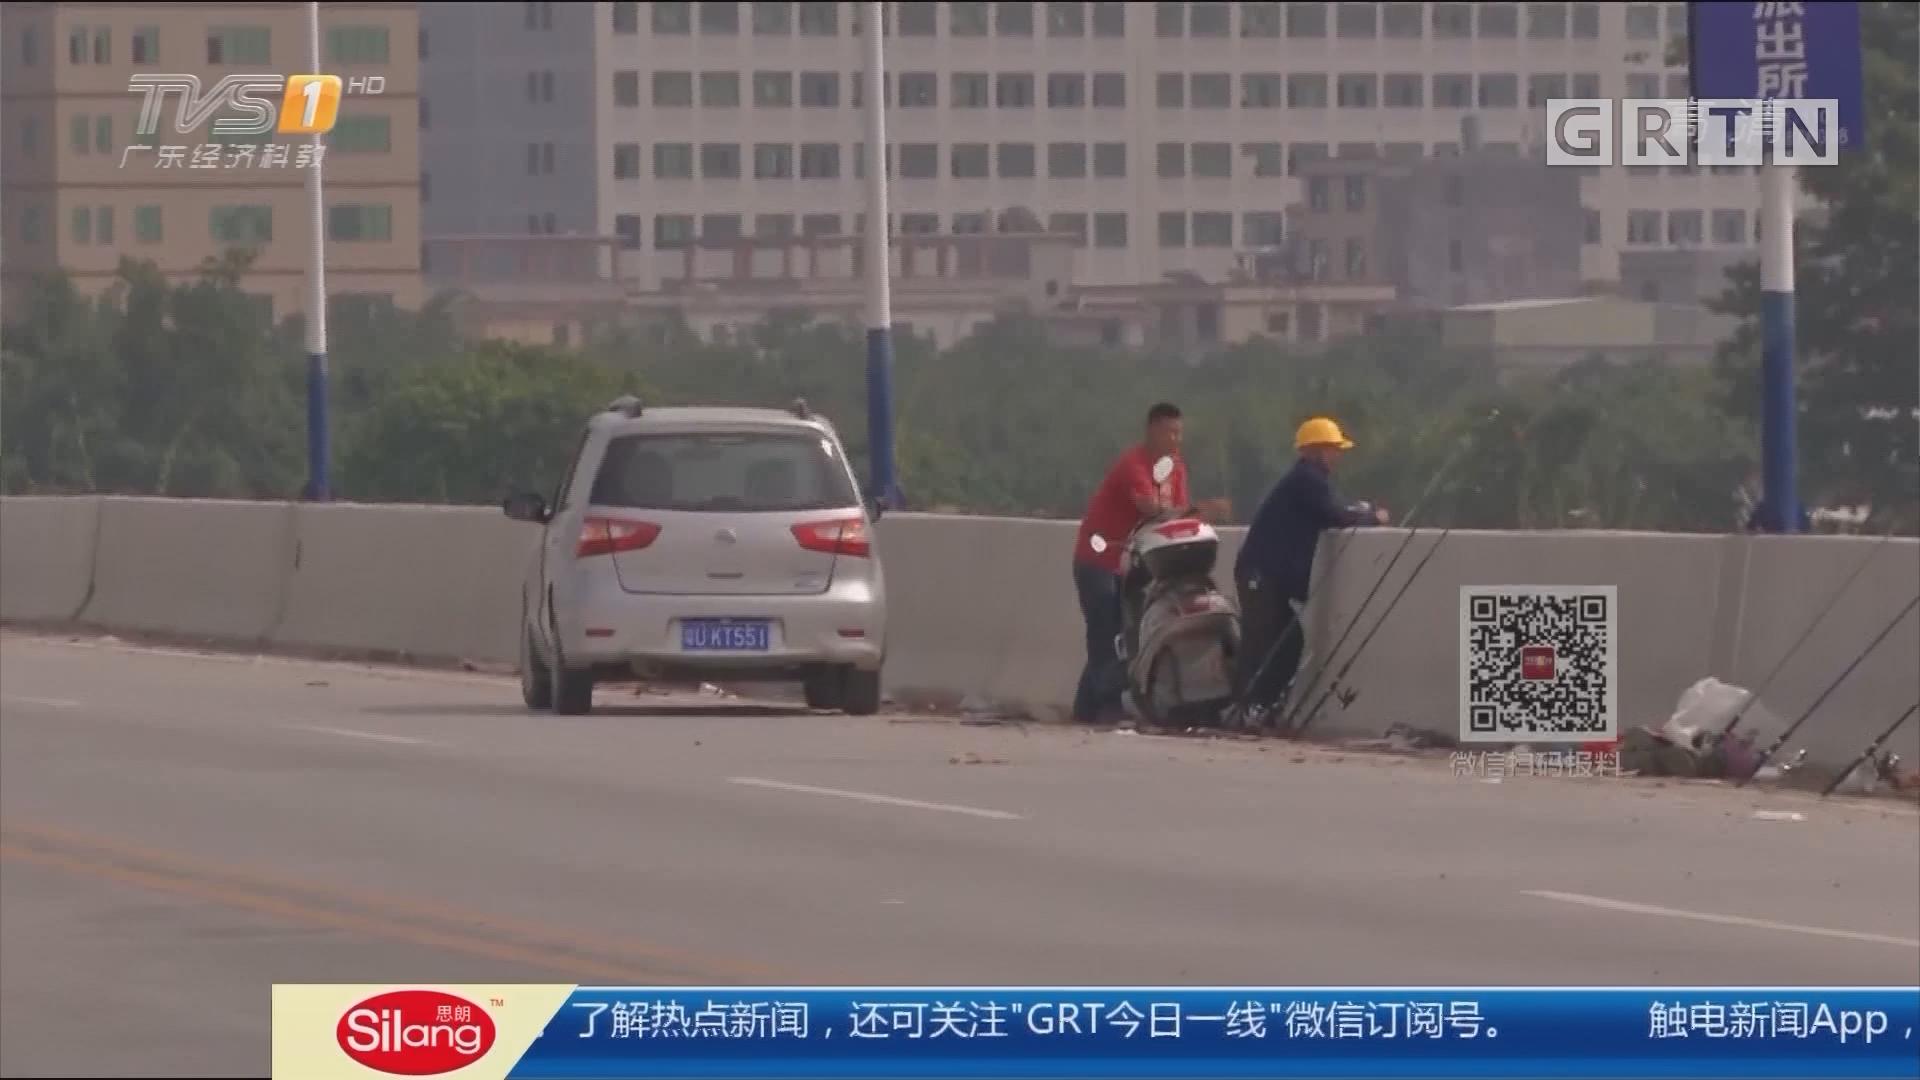 潮州潮安:在建大桥聚集垂钓者 执法人员出动劝离